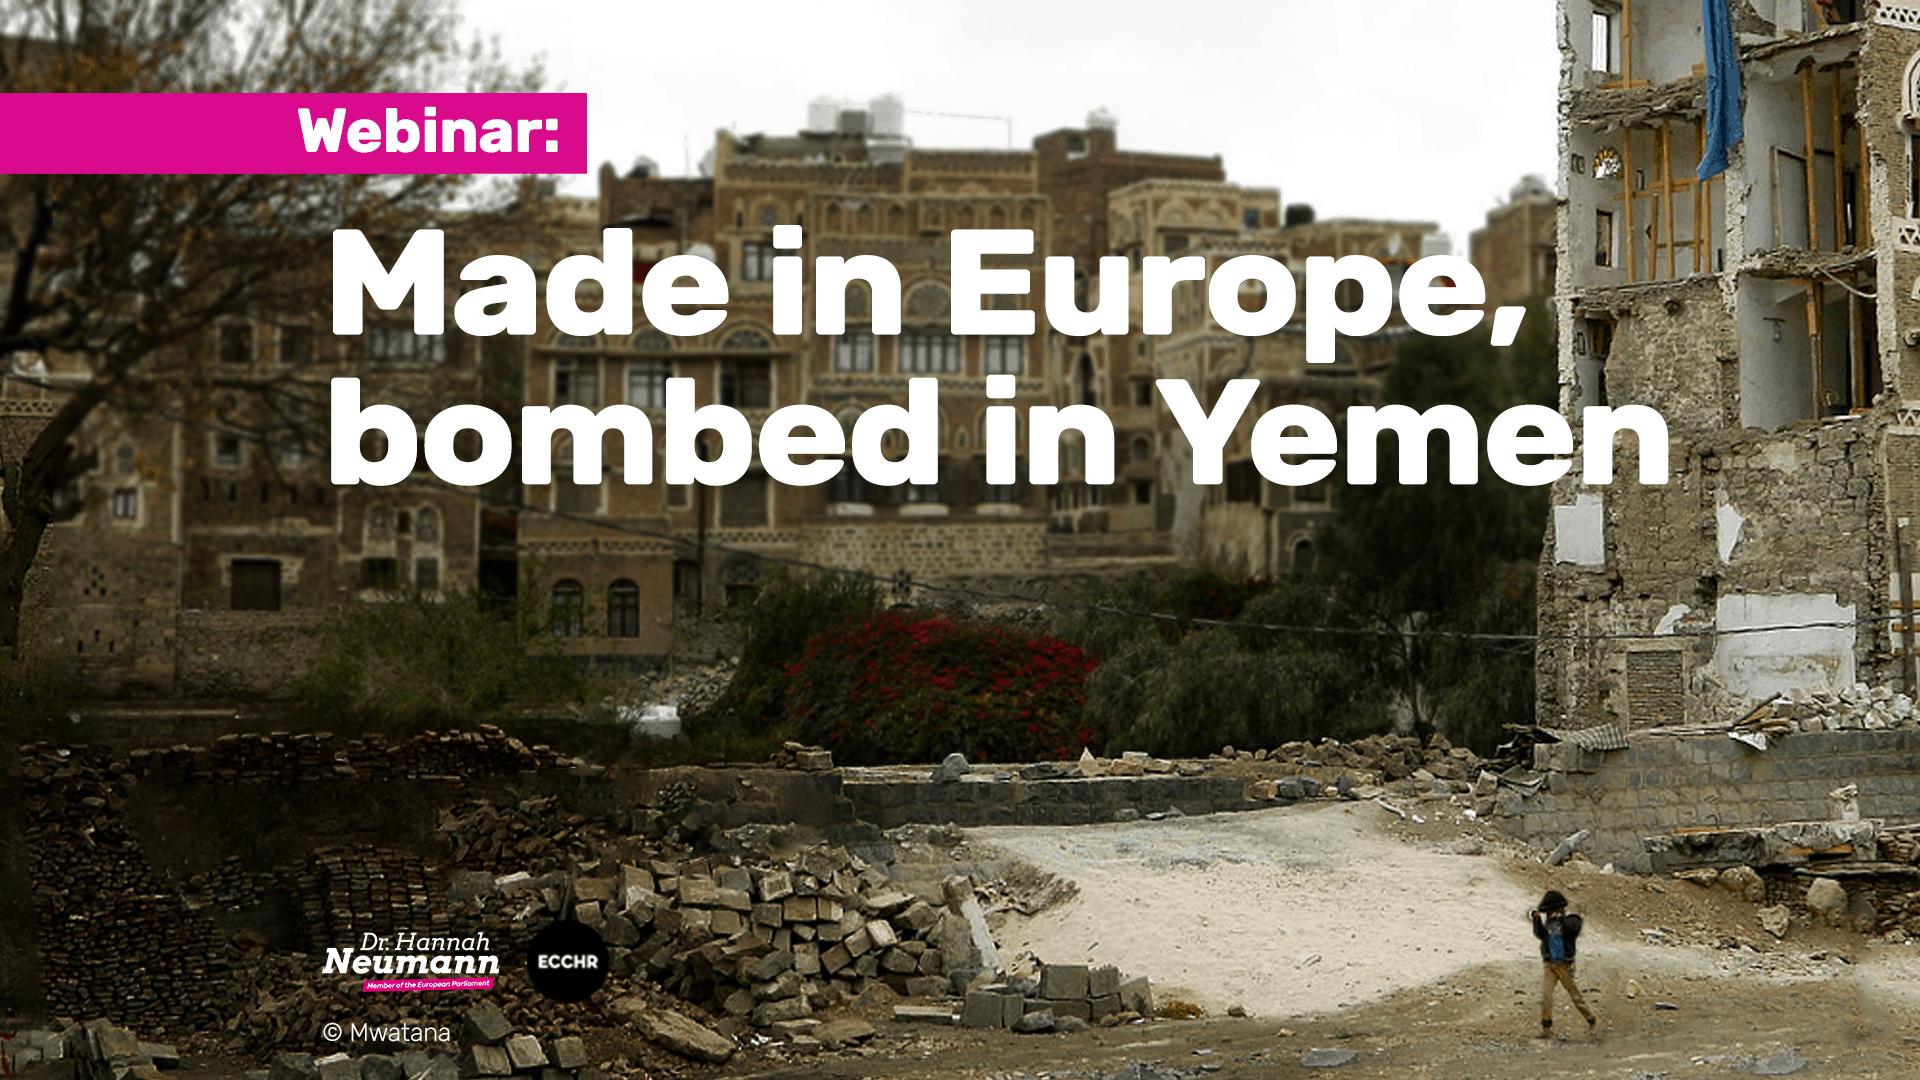 Made in Europe, Bombed in Yemen Webinar